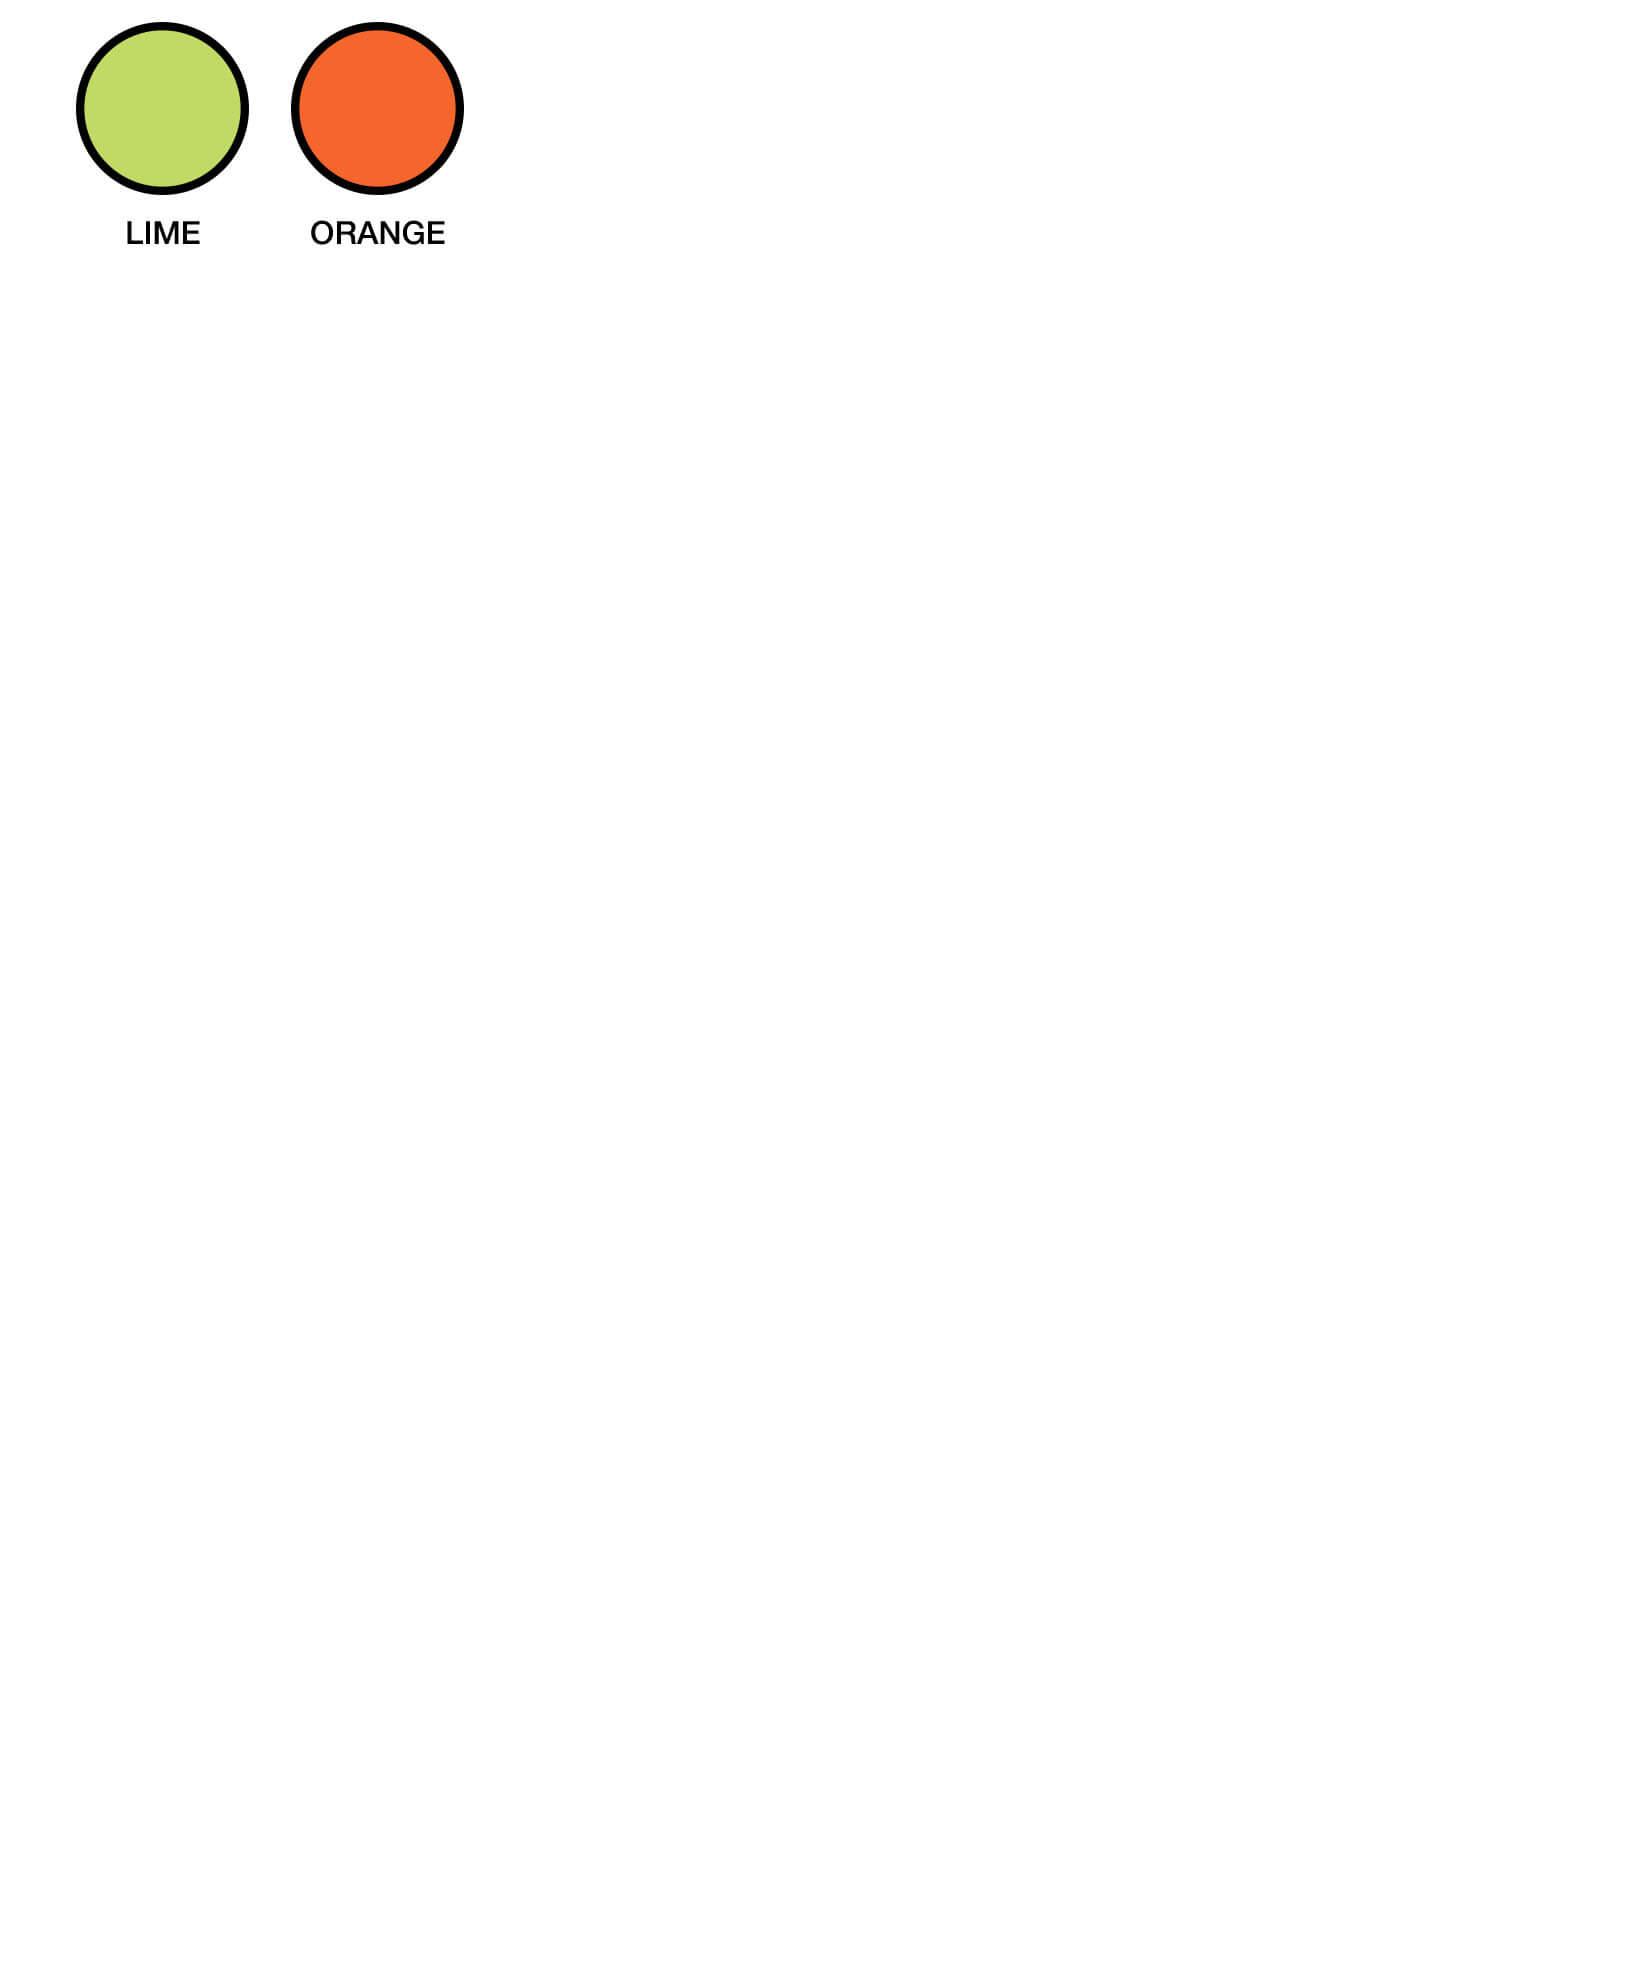 6HVSV Colour Chart